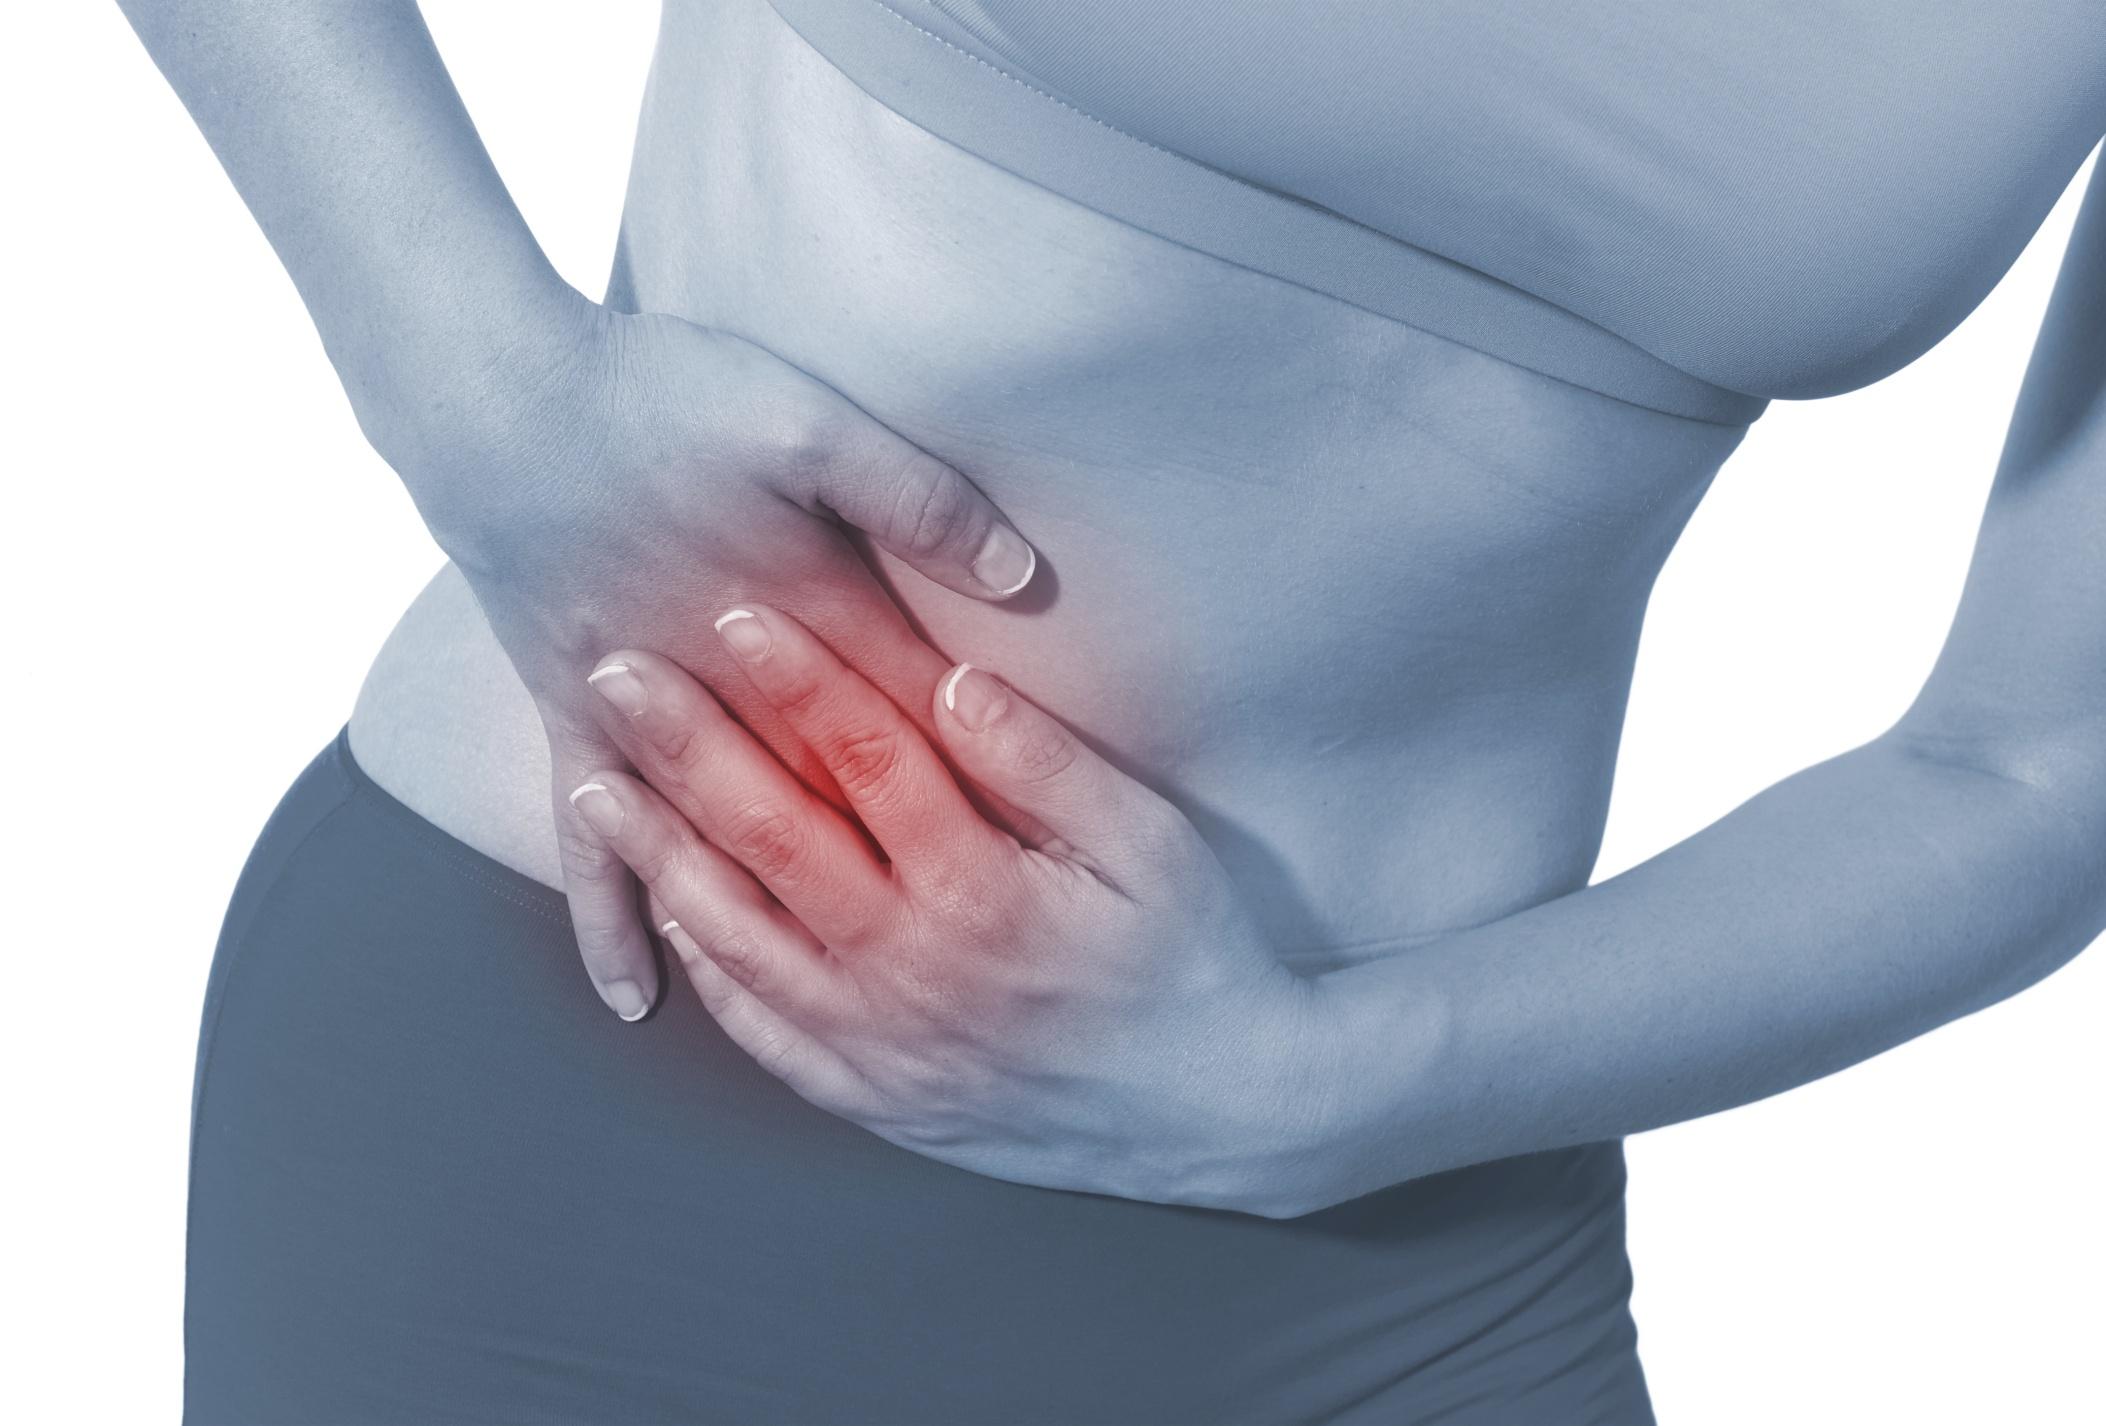 Як дізнатися від чого болить живіт